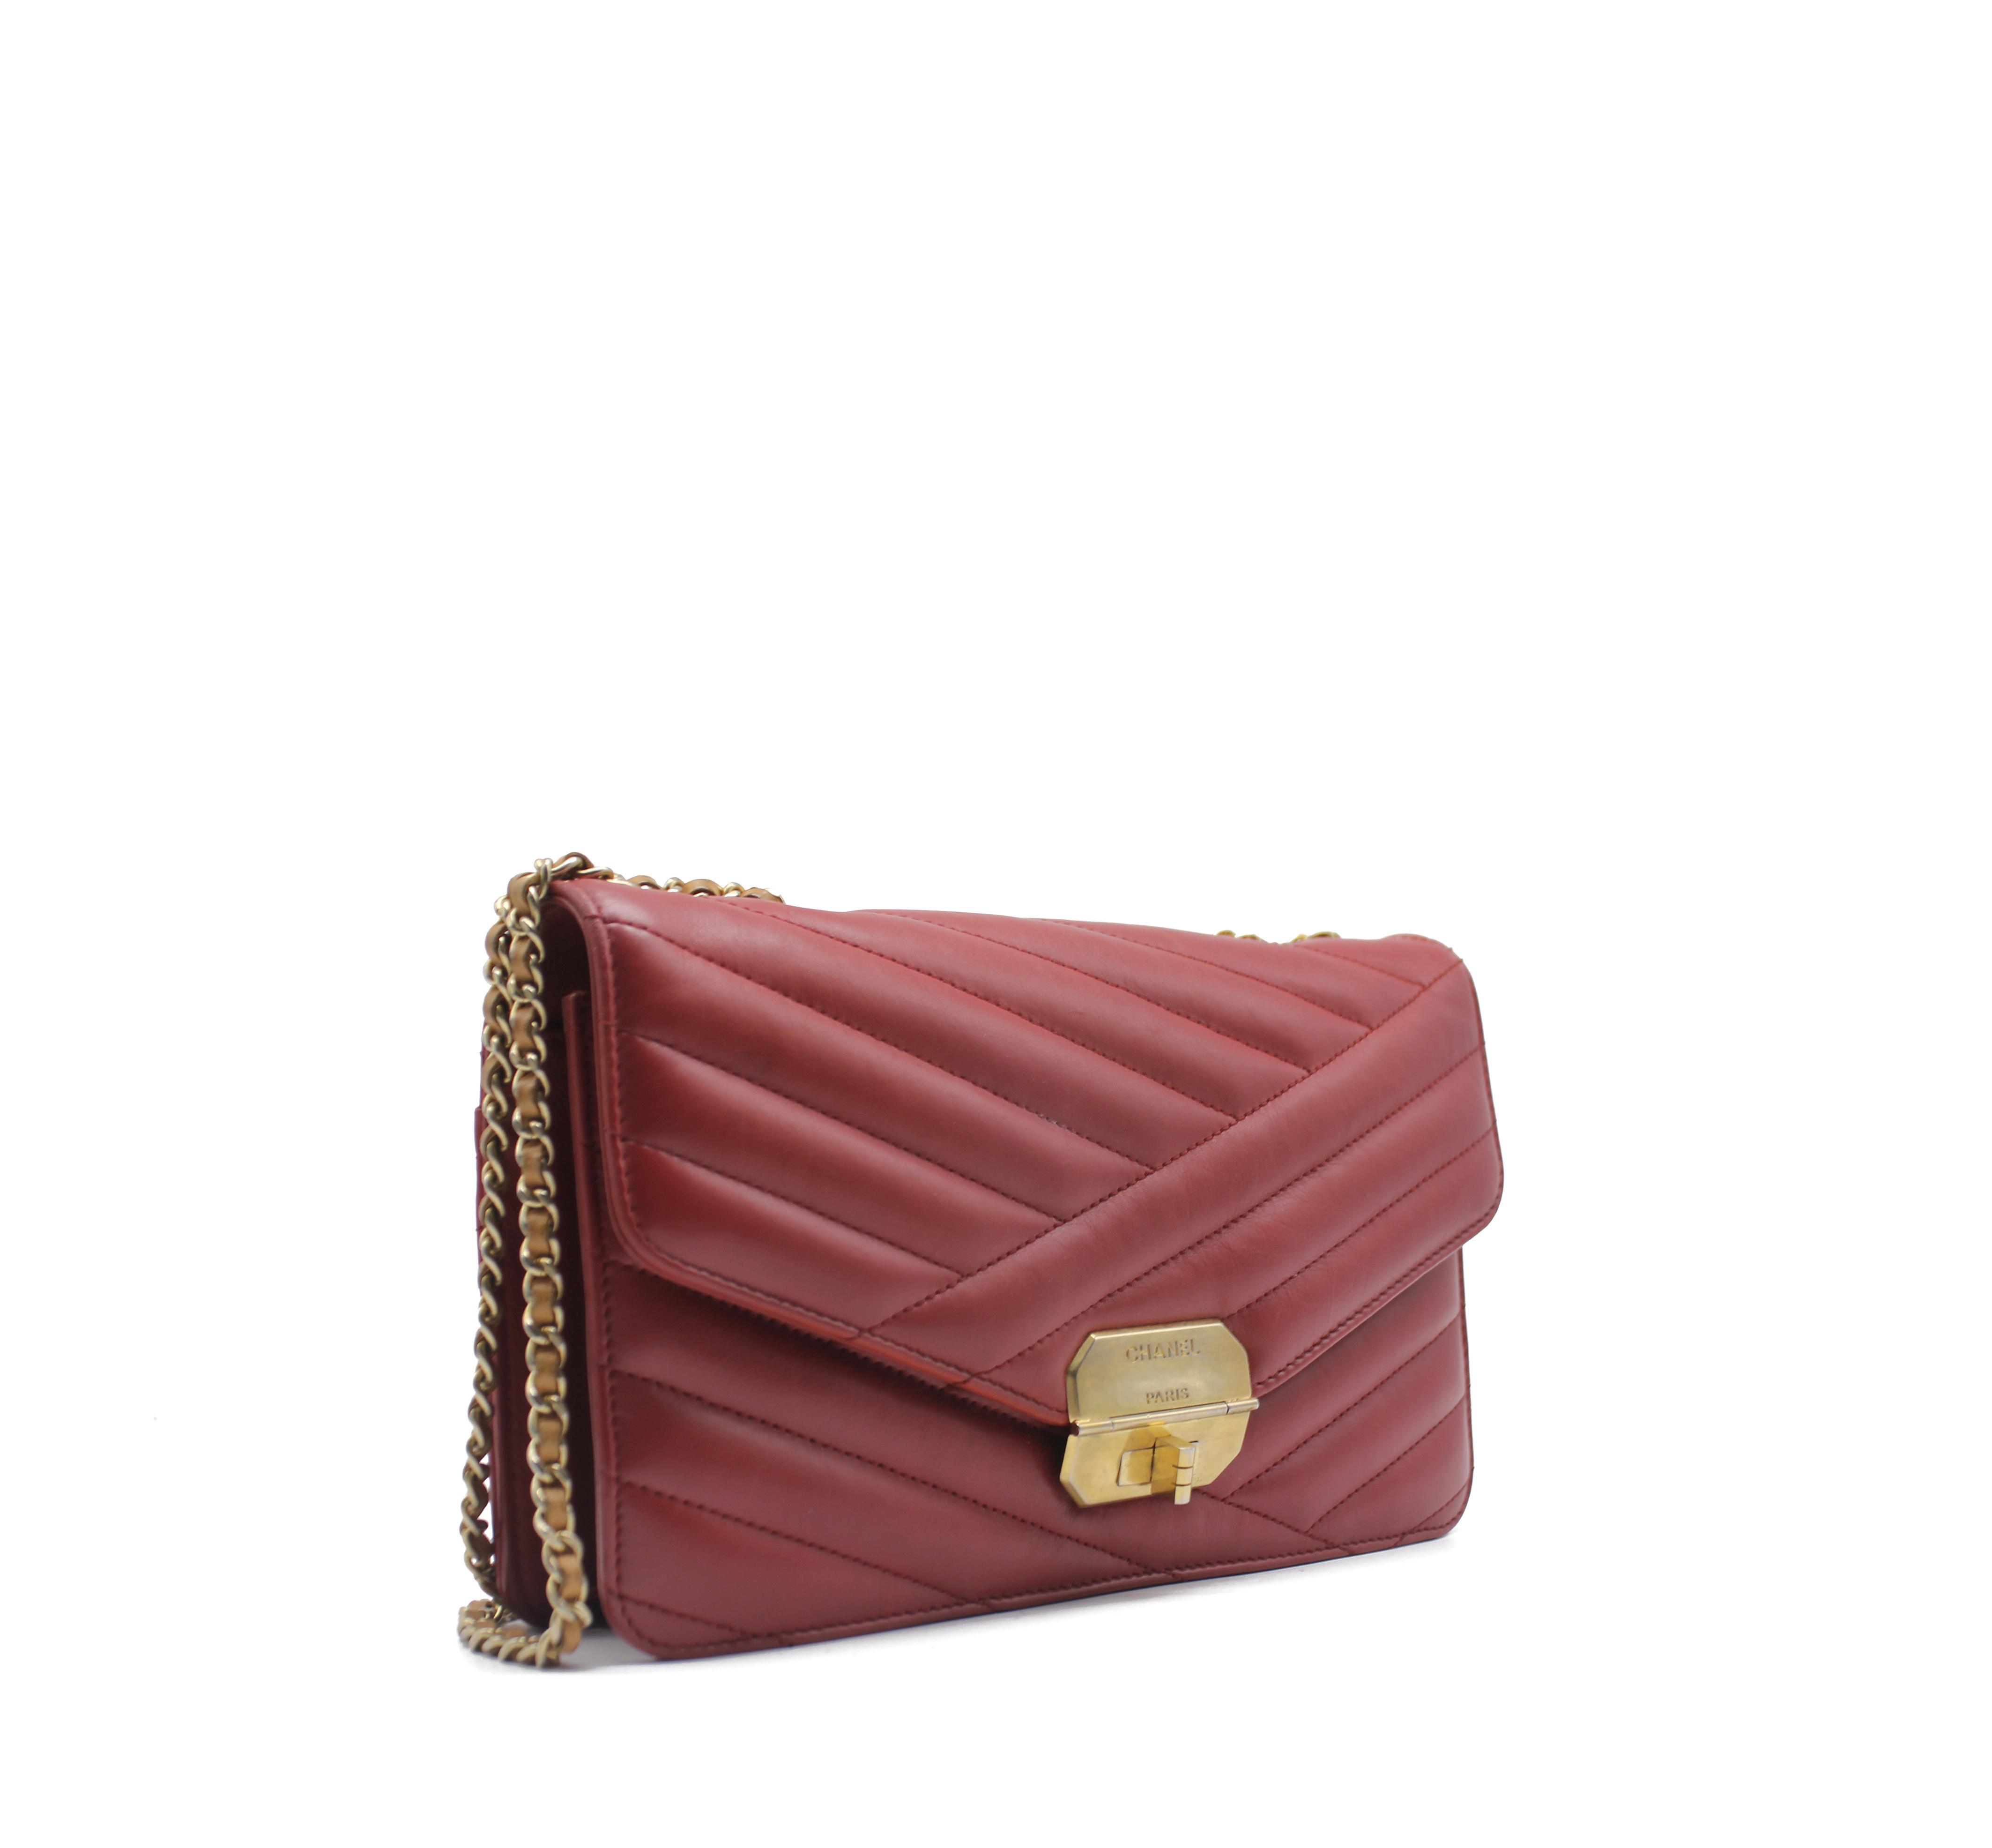 76361796d7e22a Chanel Gabrielle Flap Bag | The Volte